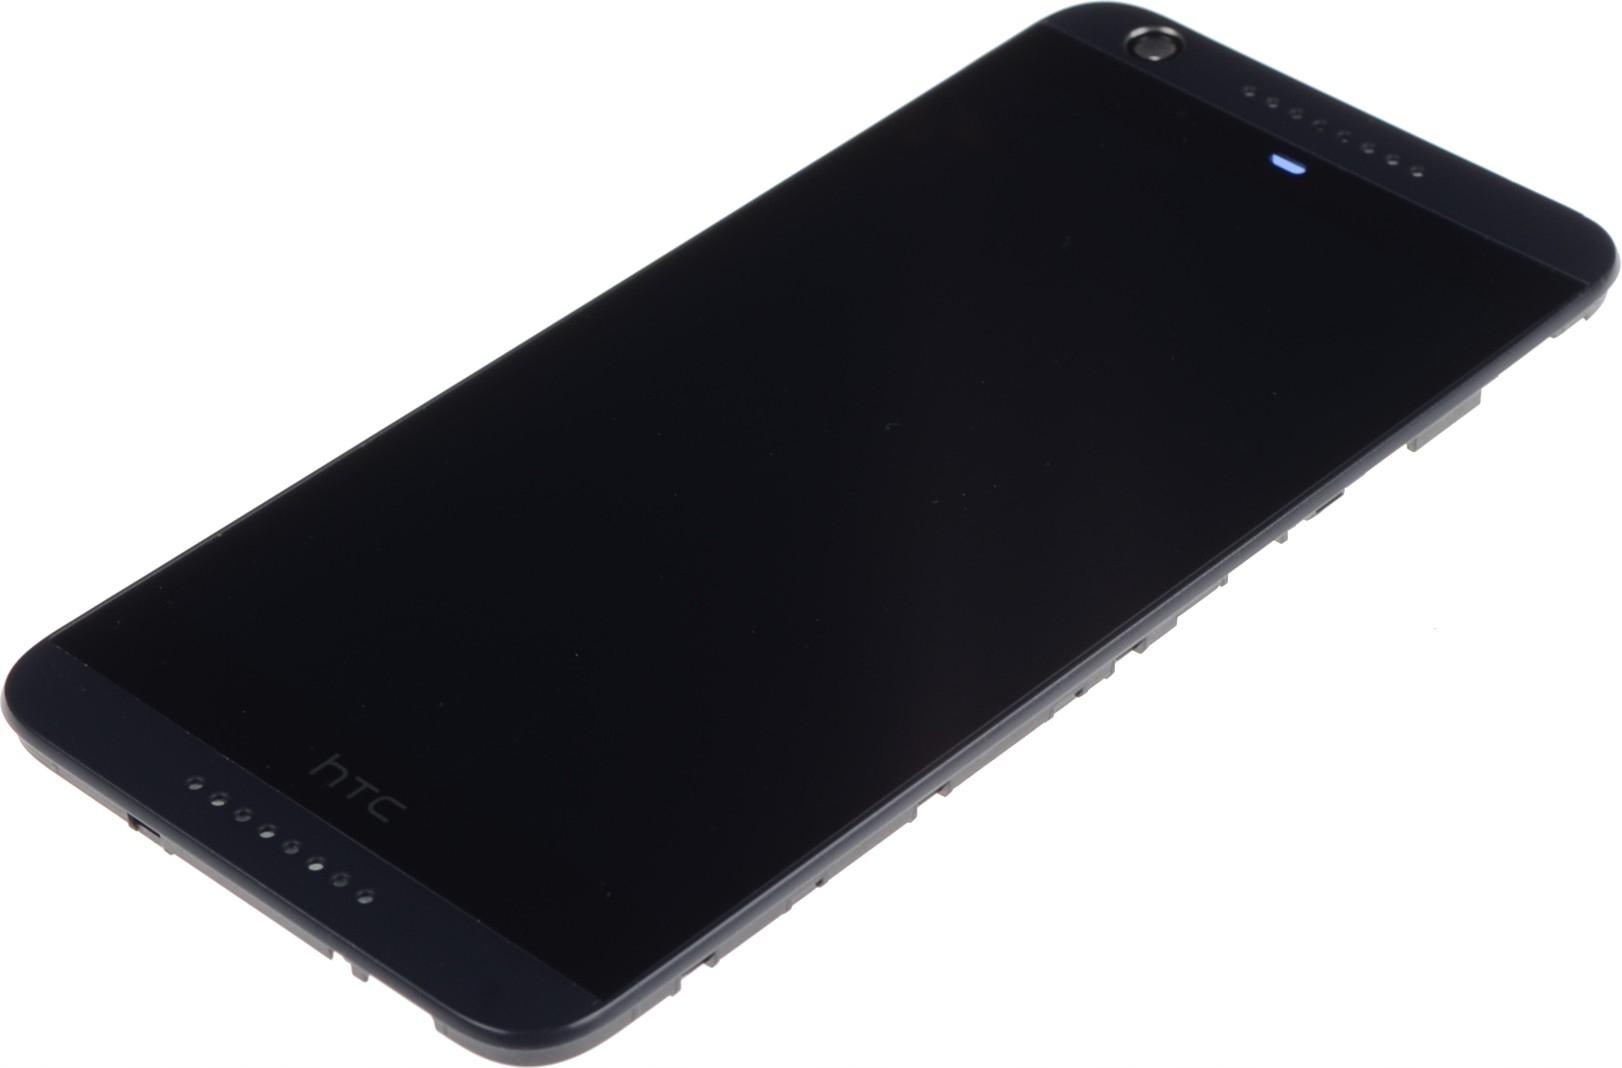 Wyświetlacz Lcd HTC Desire 626G+ Dual sim dotyk